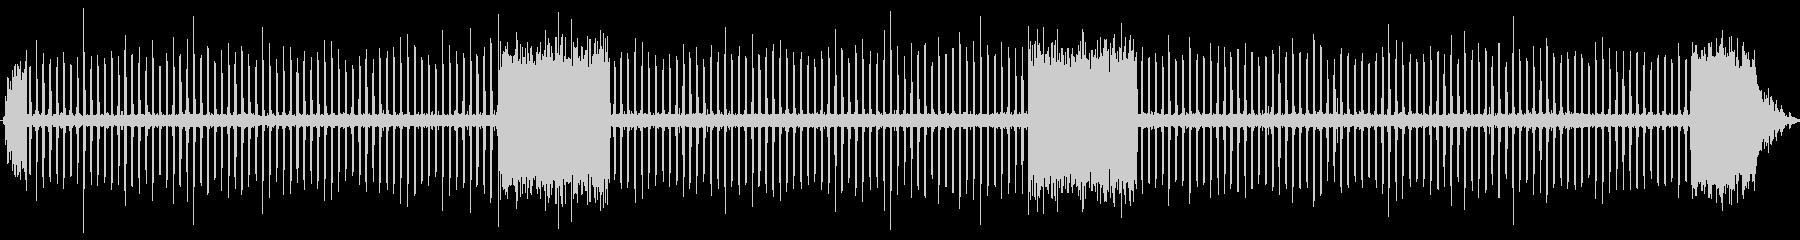 ラチェットローンスプリンクラー:開...の未再生の波形